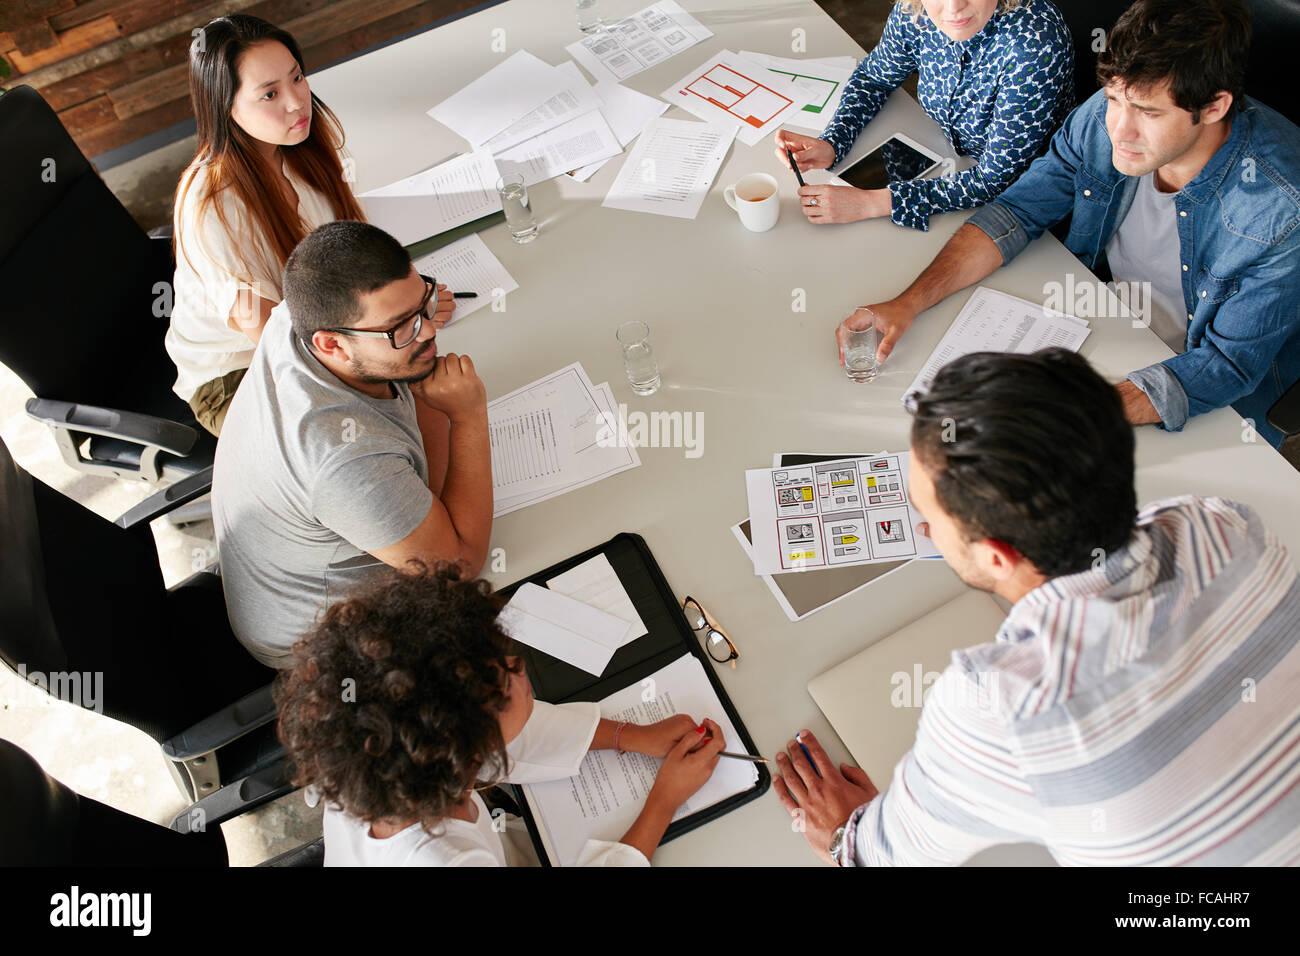 Portrait de l'équipe de créatifs assis autour de table pour discuter des idées d'entreprise. Photo Stock